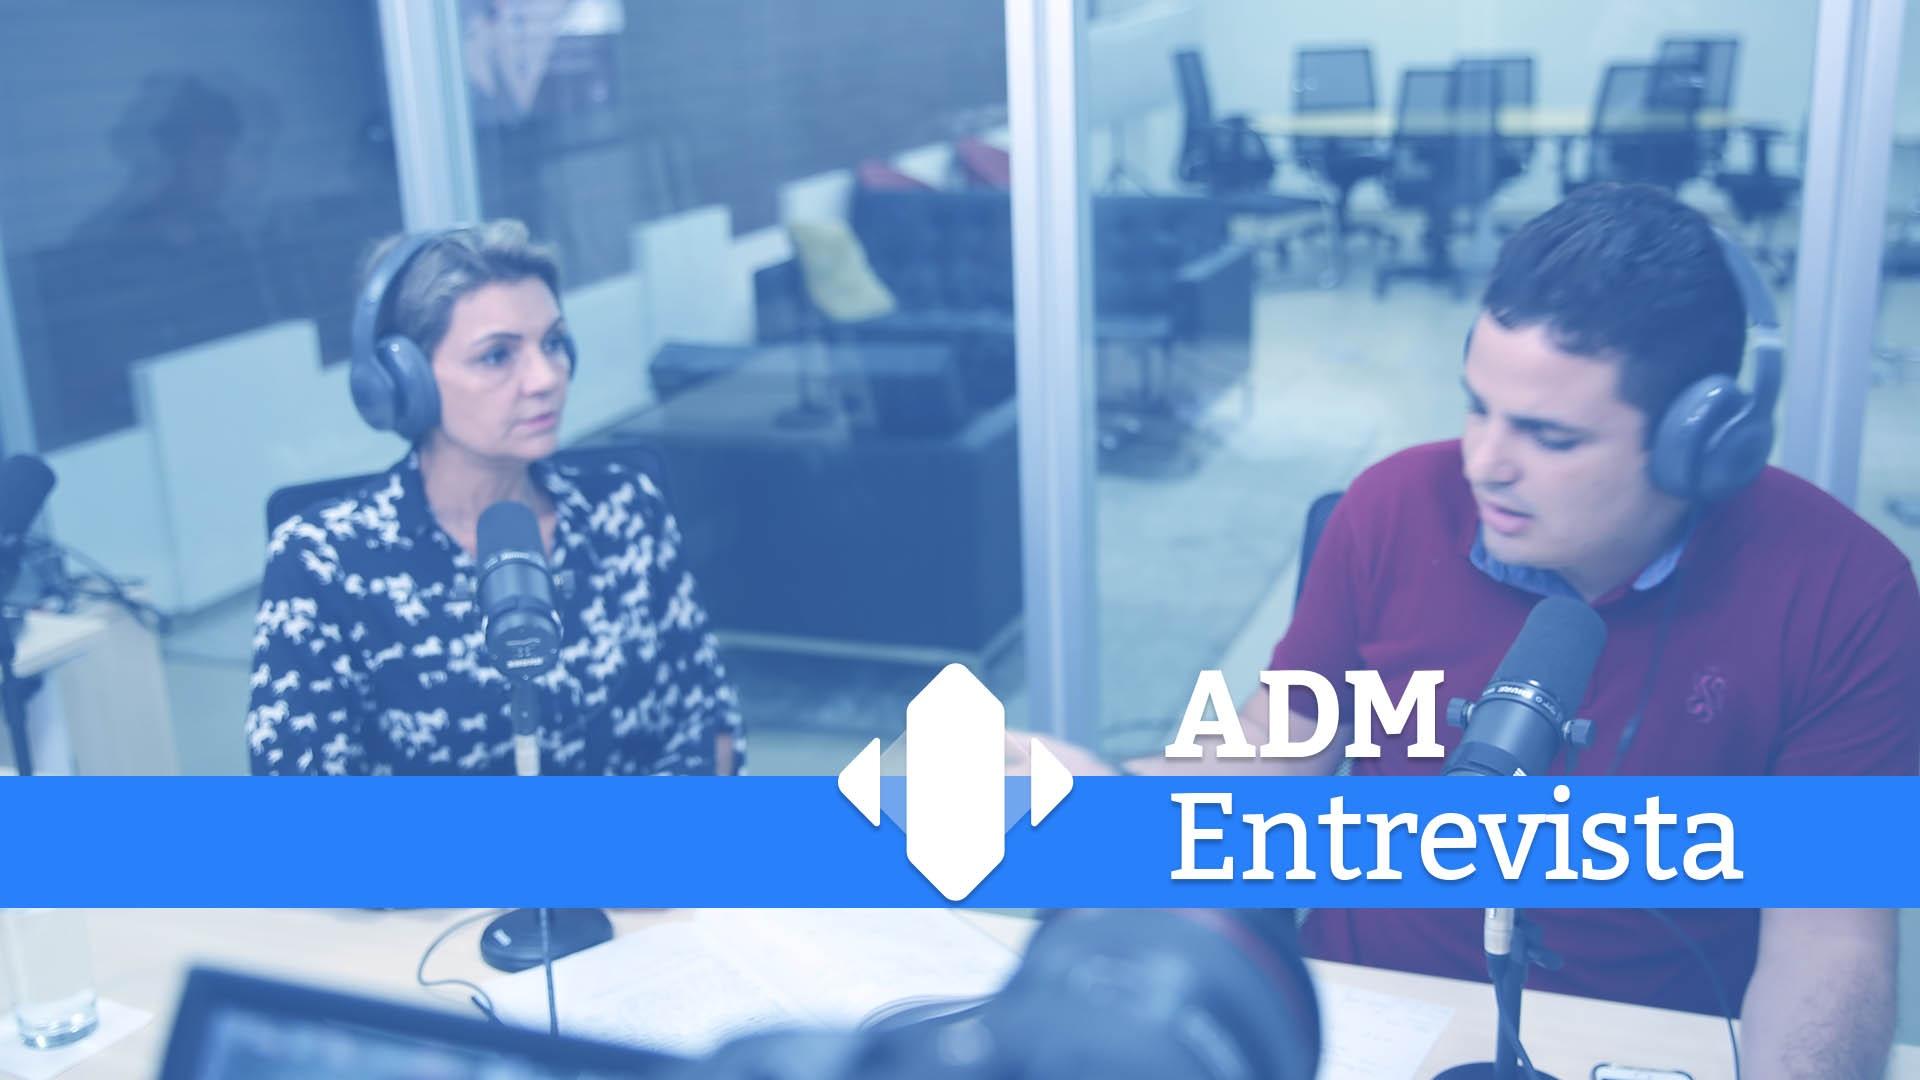 ADM Entrevista: bate-papo traz Gracita Barbosa como entrevistada